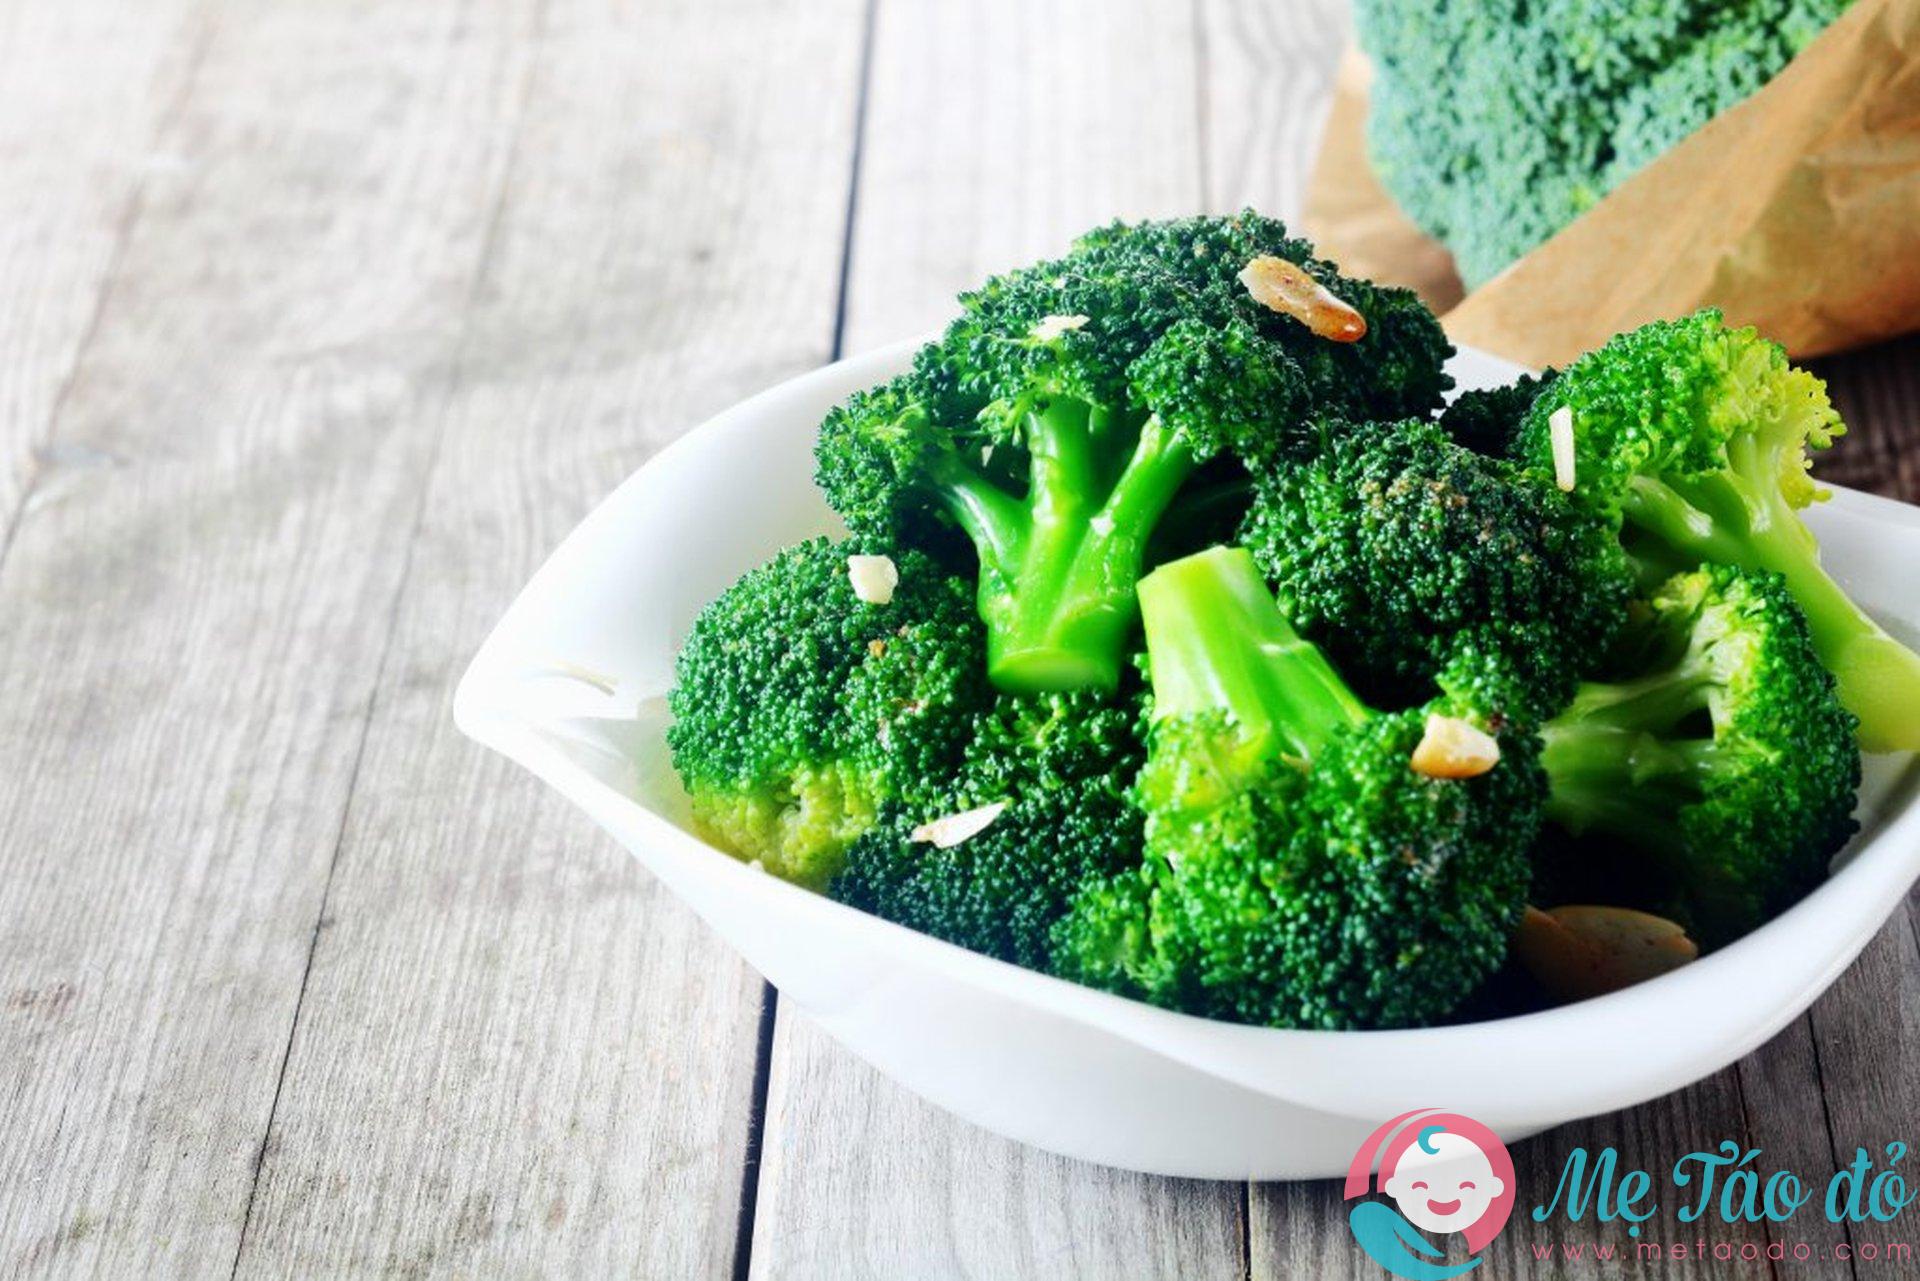 Gợi ý cách nấu bông cải xanh trong ăn dặm kiểu Nhật